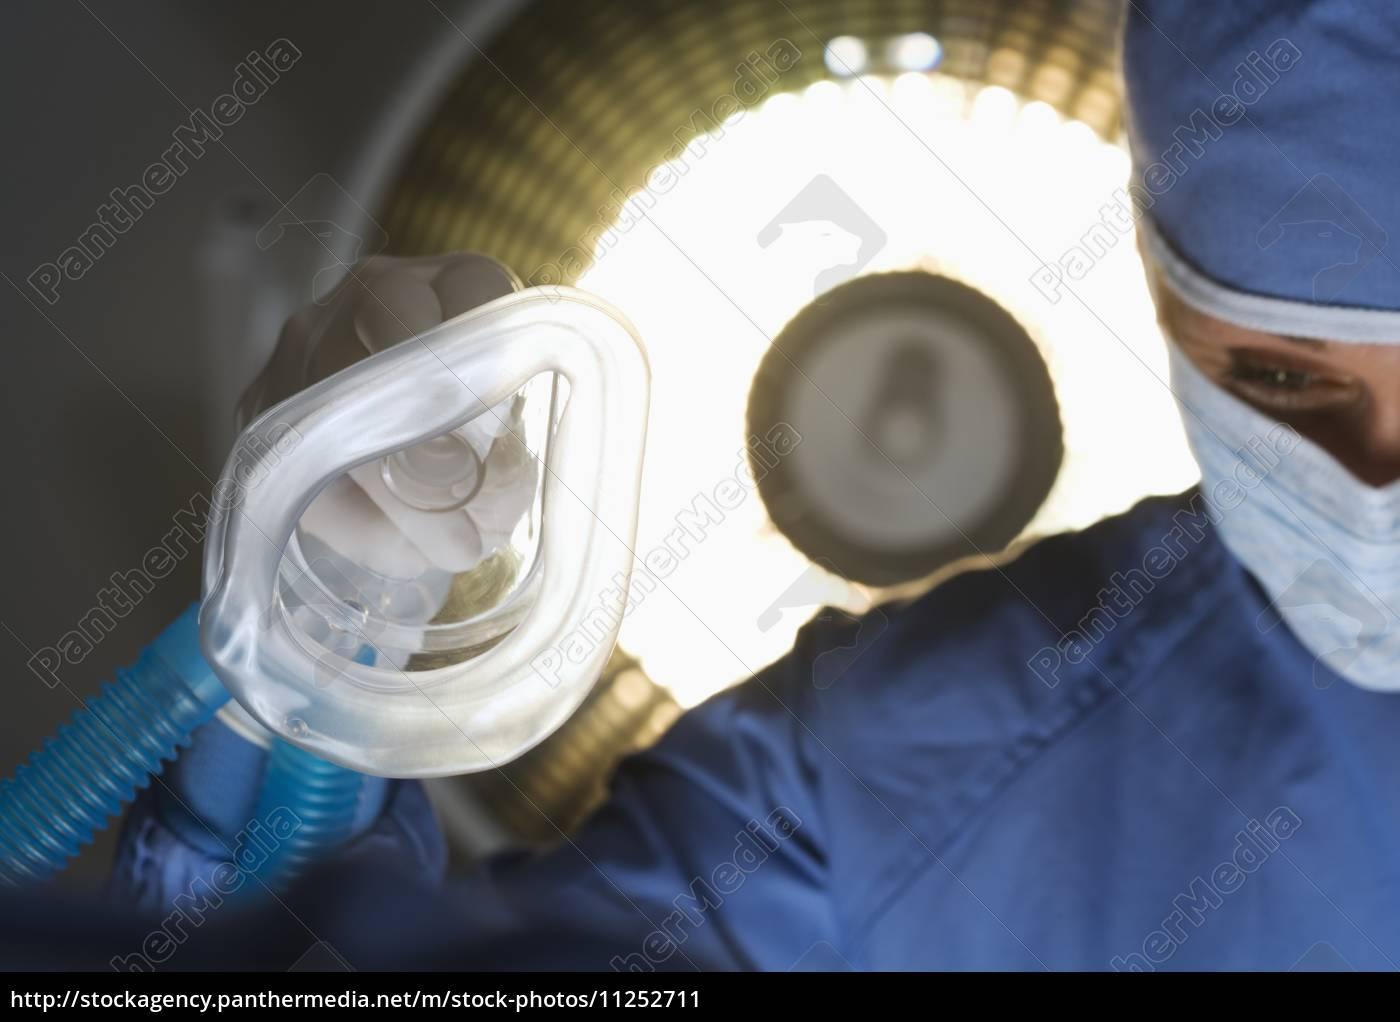 laege, medic, kvinde, mennesker, folk, personer - 11252711